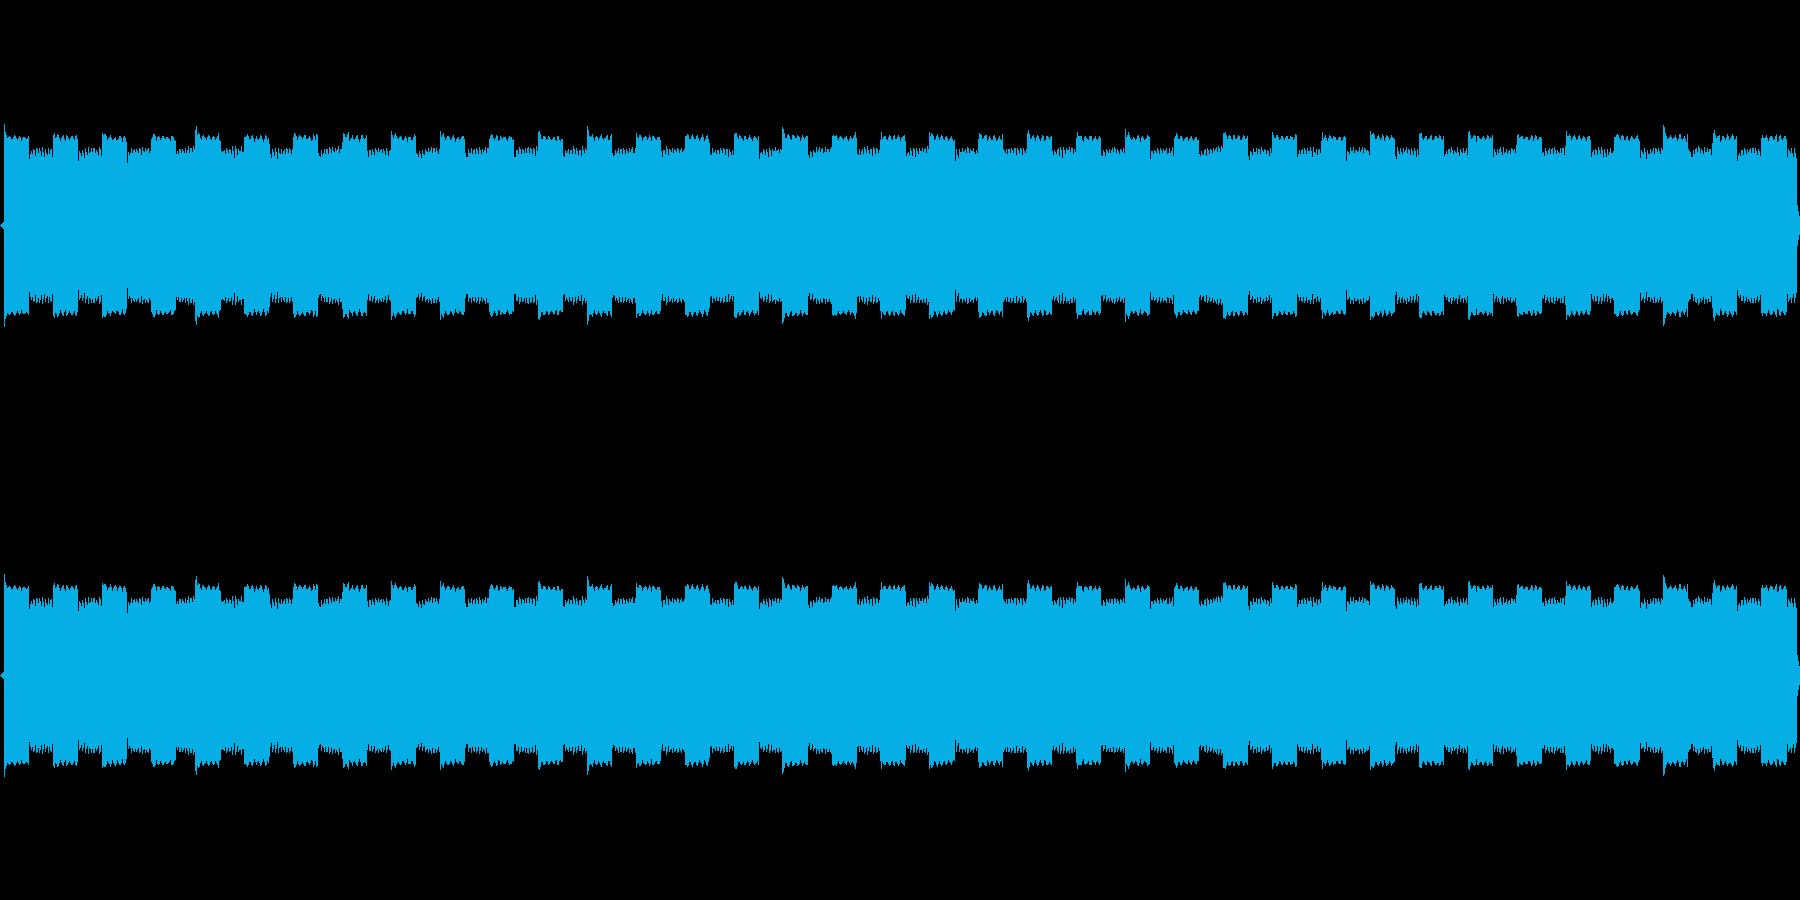 【効果音】警報音2の再生済みの波形